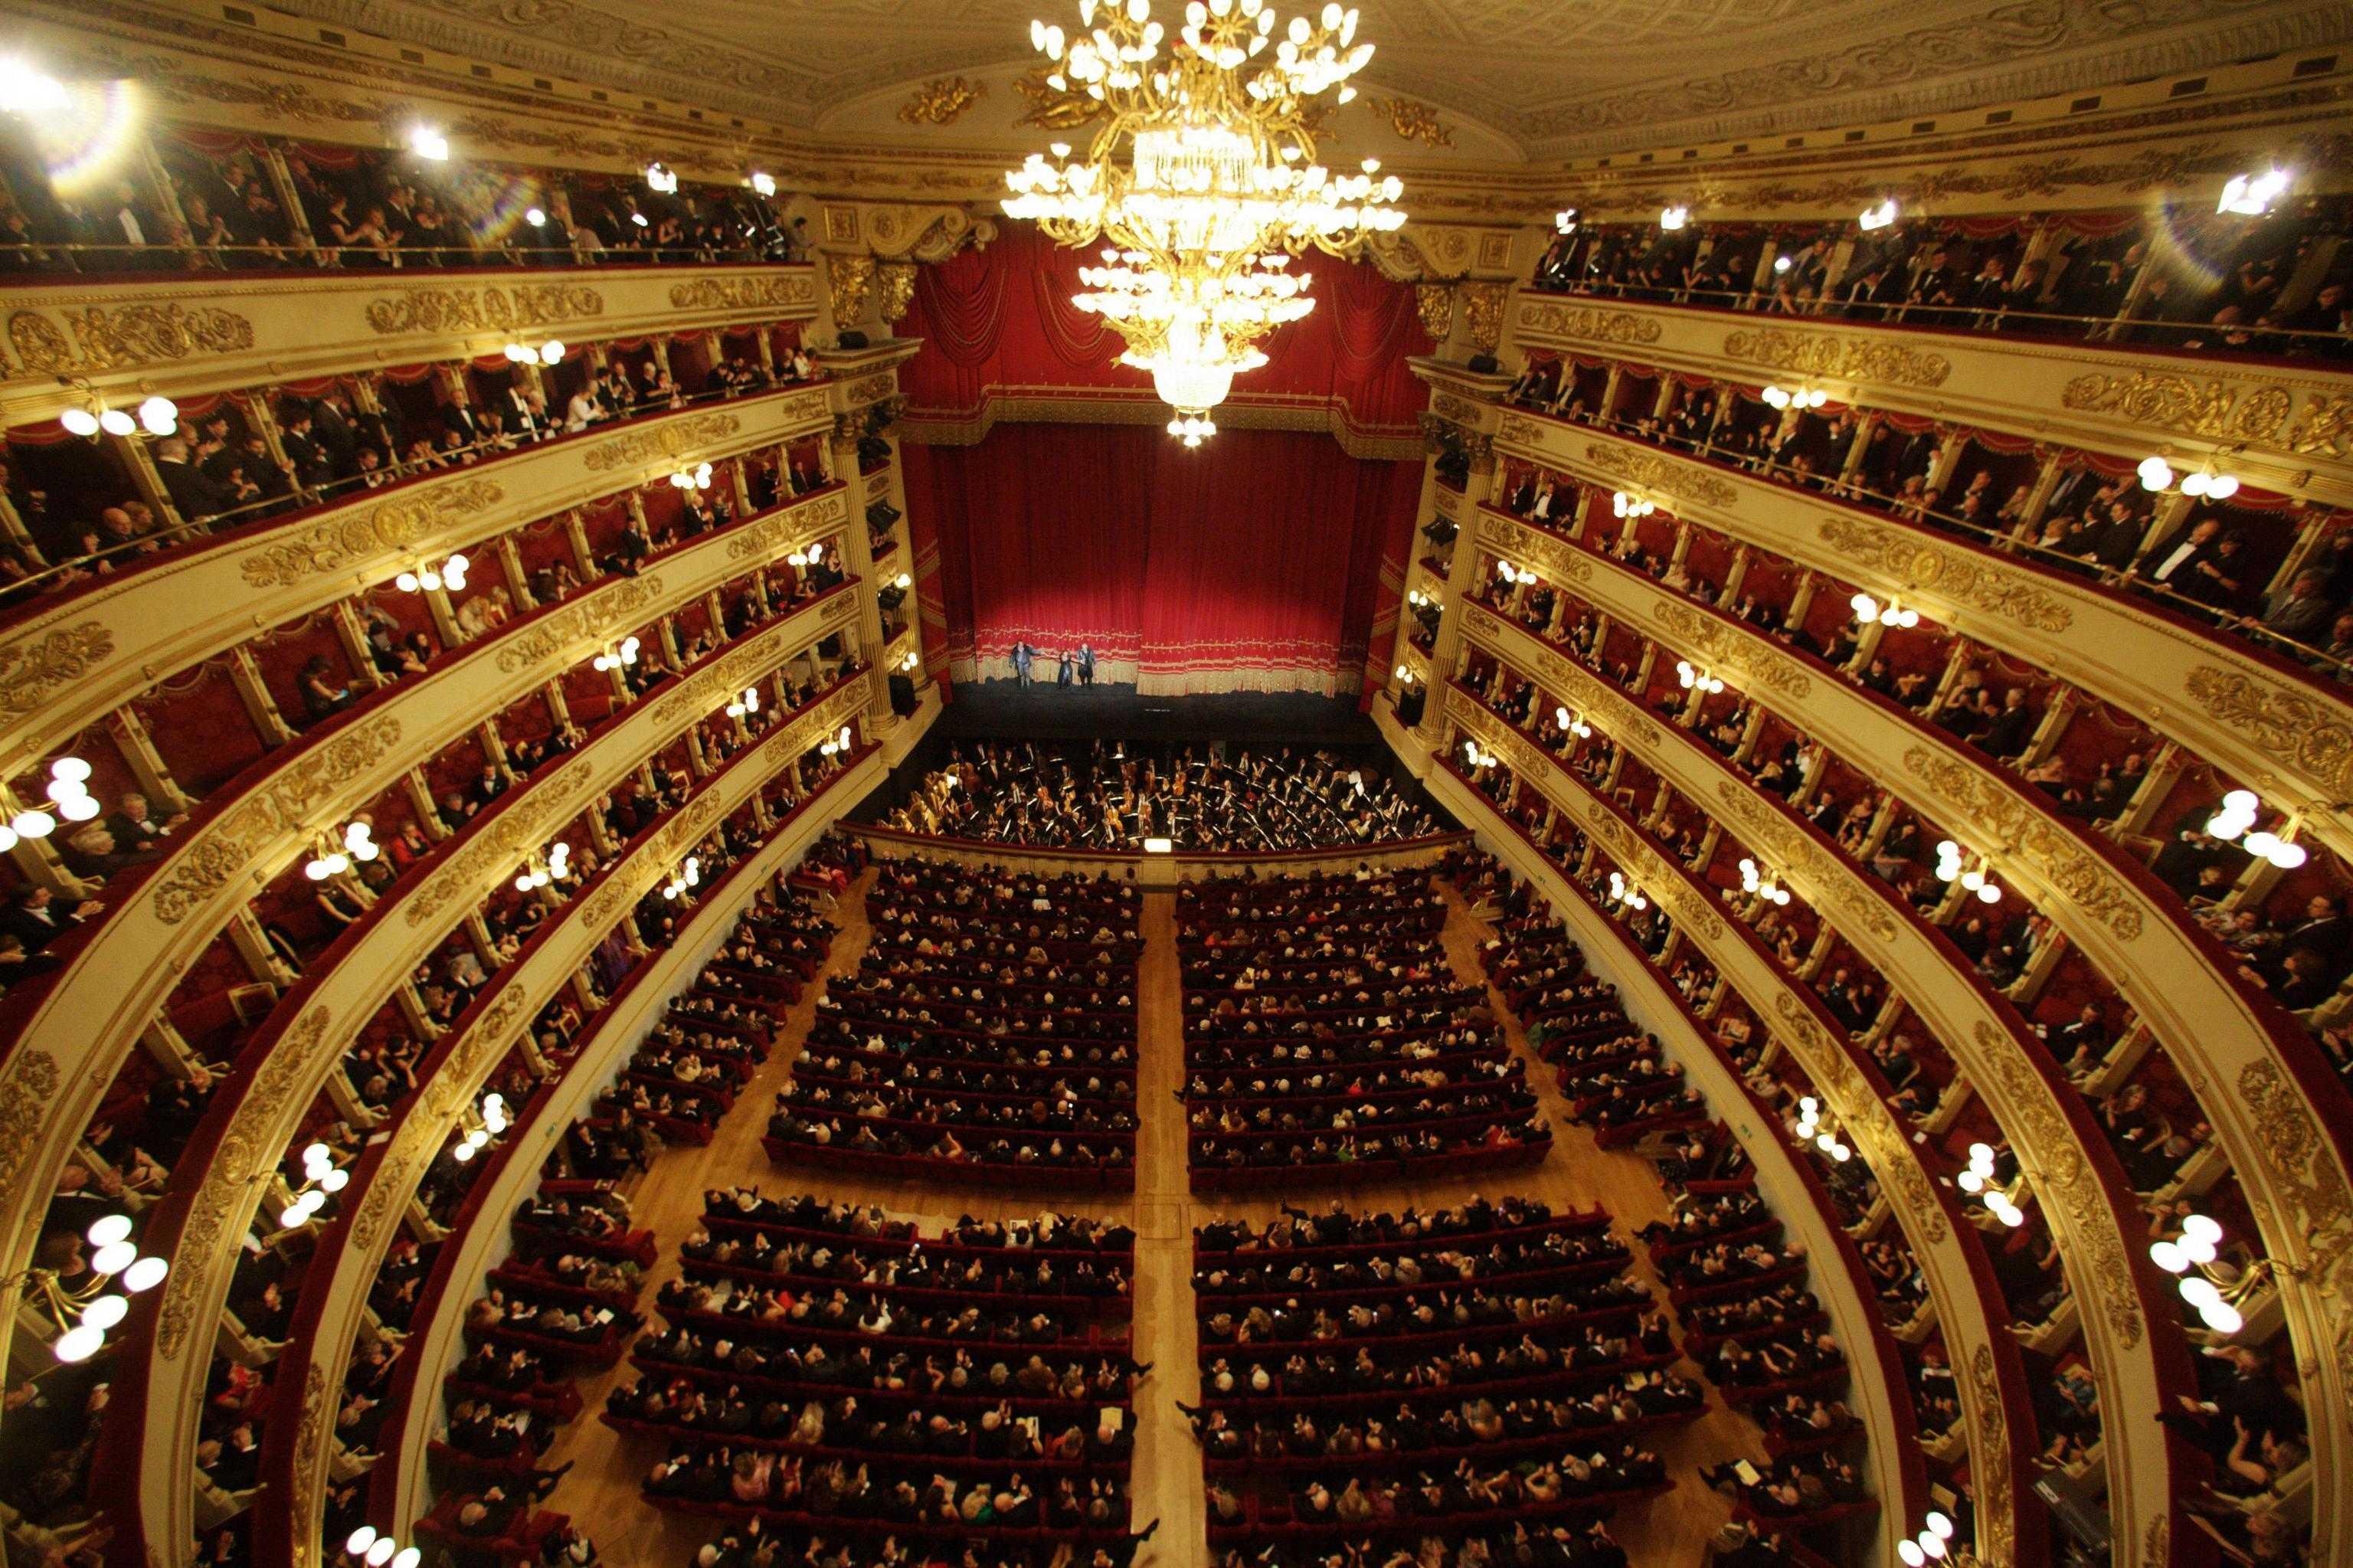 Amianto alla Scala - Studio Legale Berti & associati